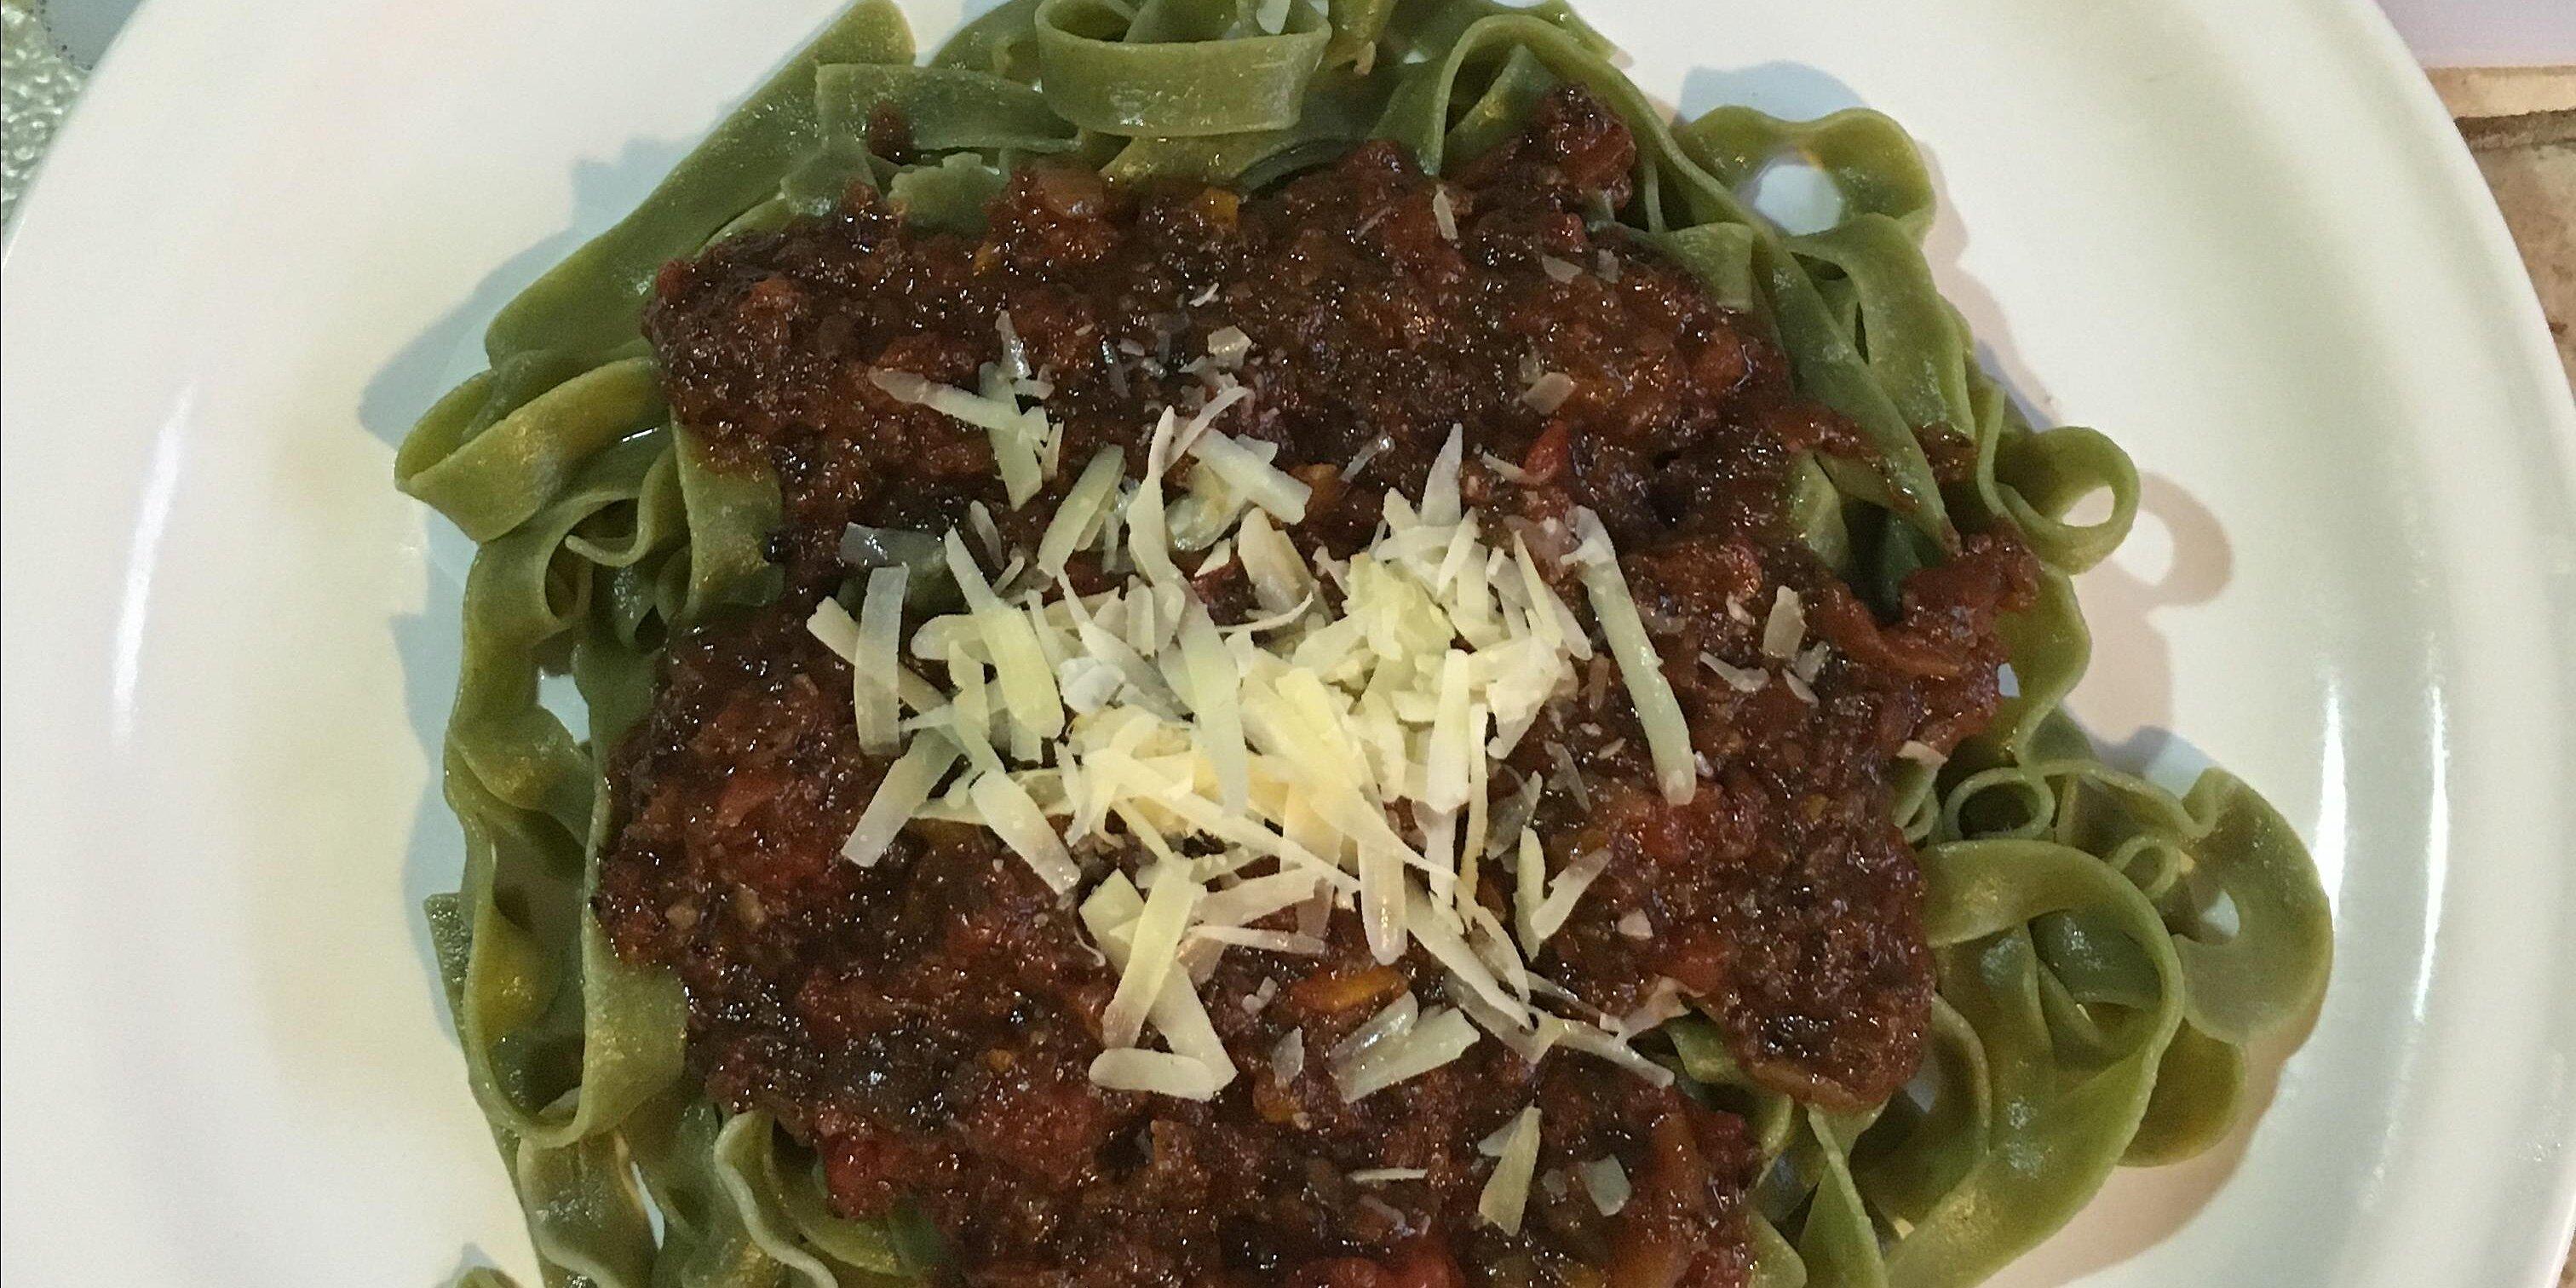 portobello mushroom bolognese sauce recipe